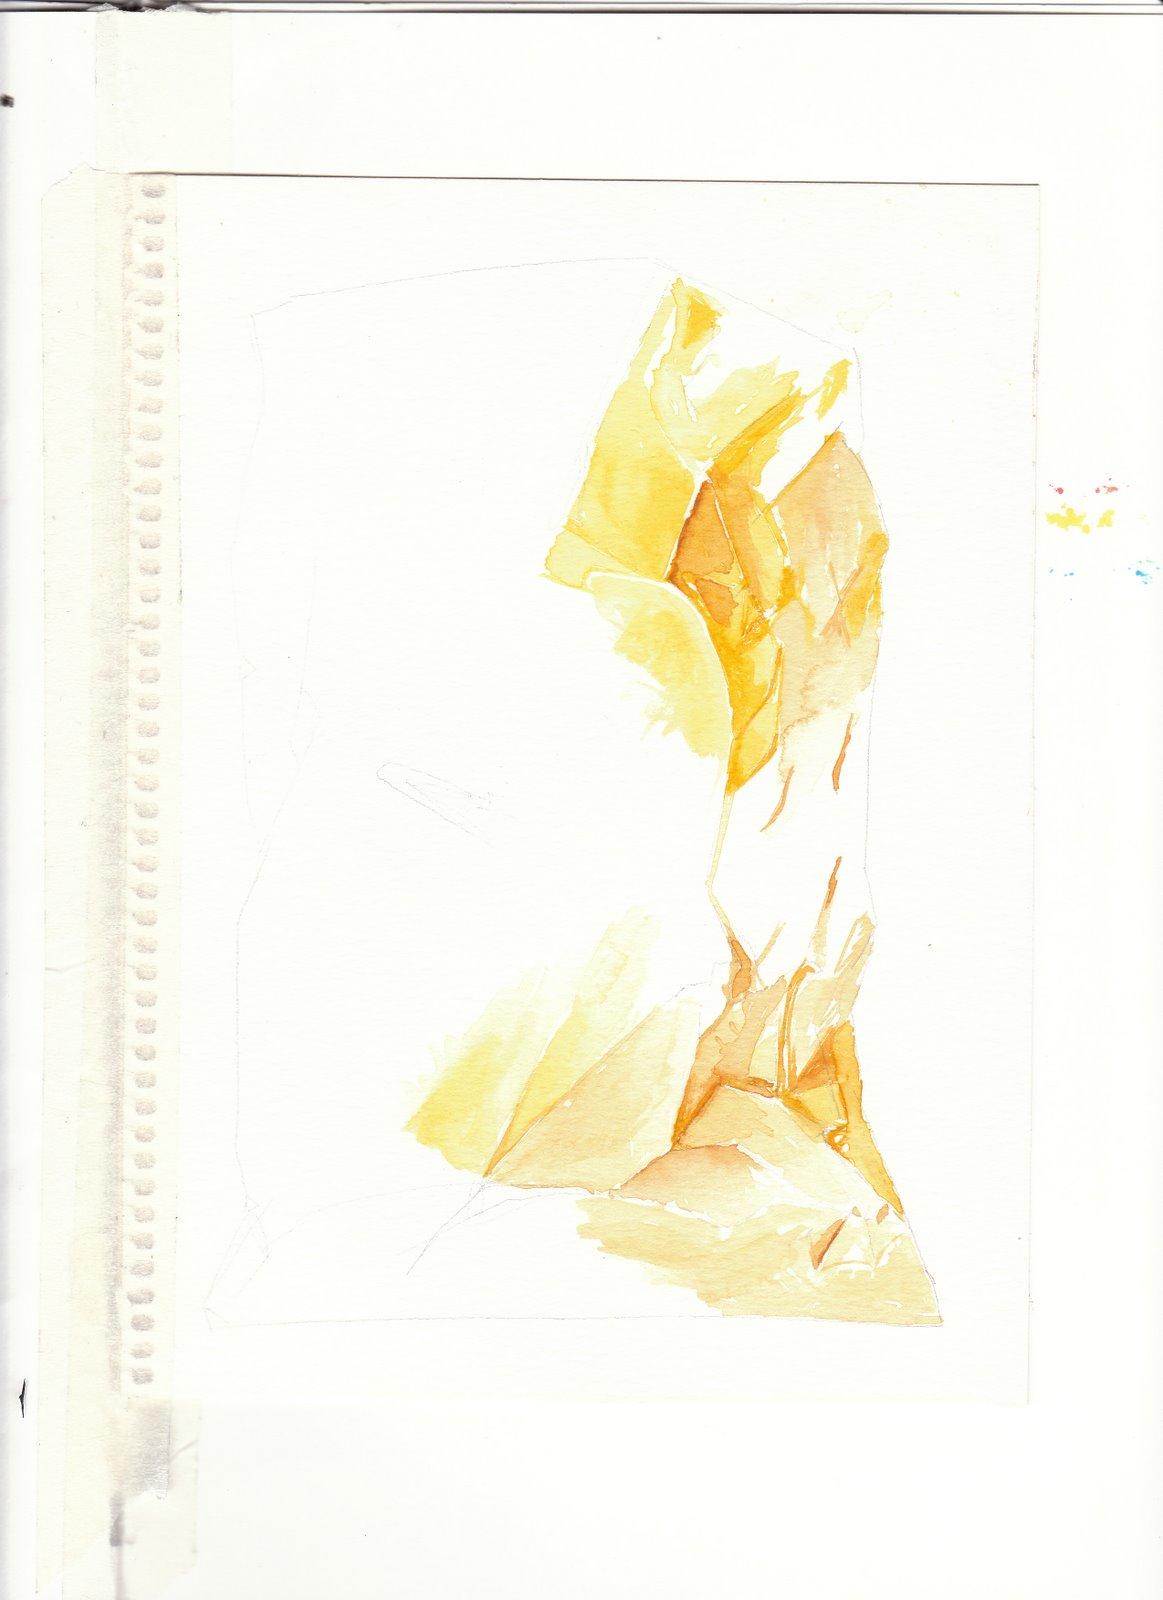 [watercolour+doritos]